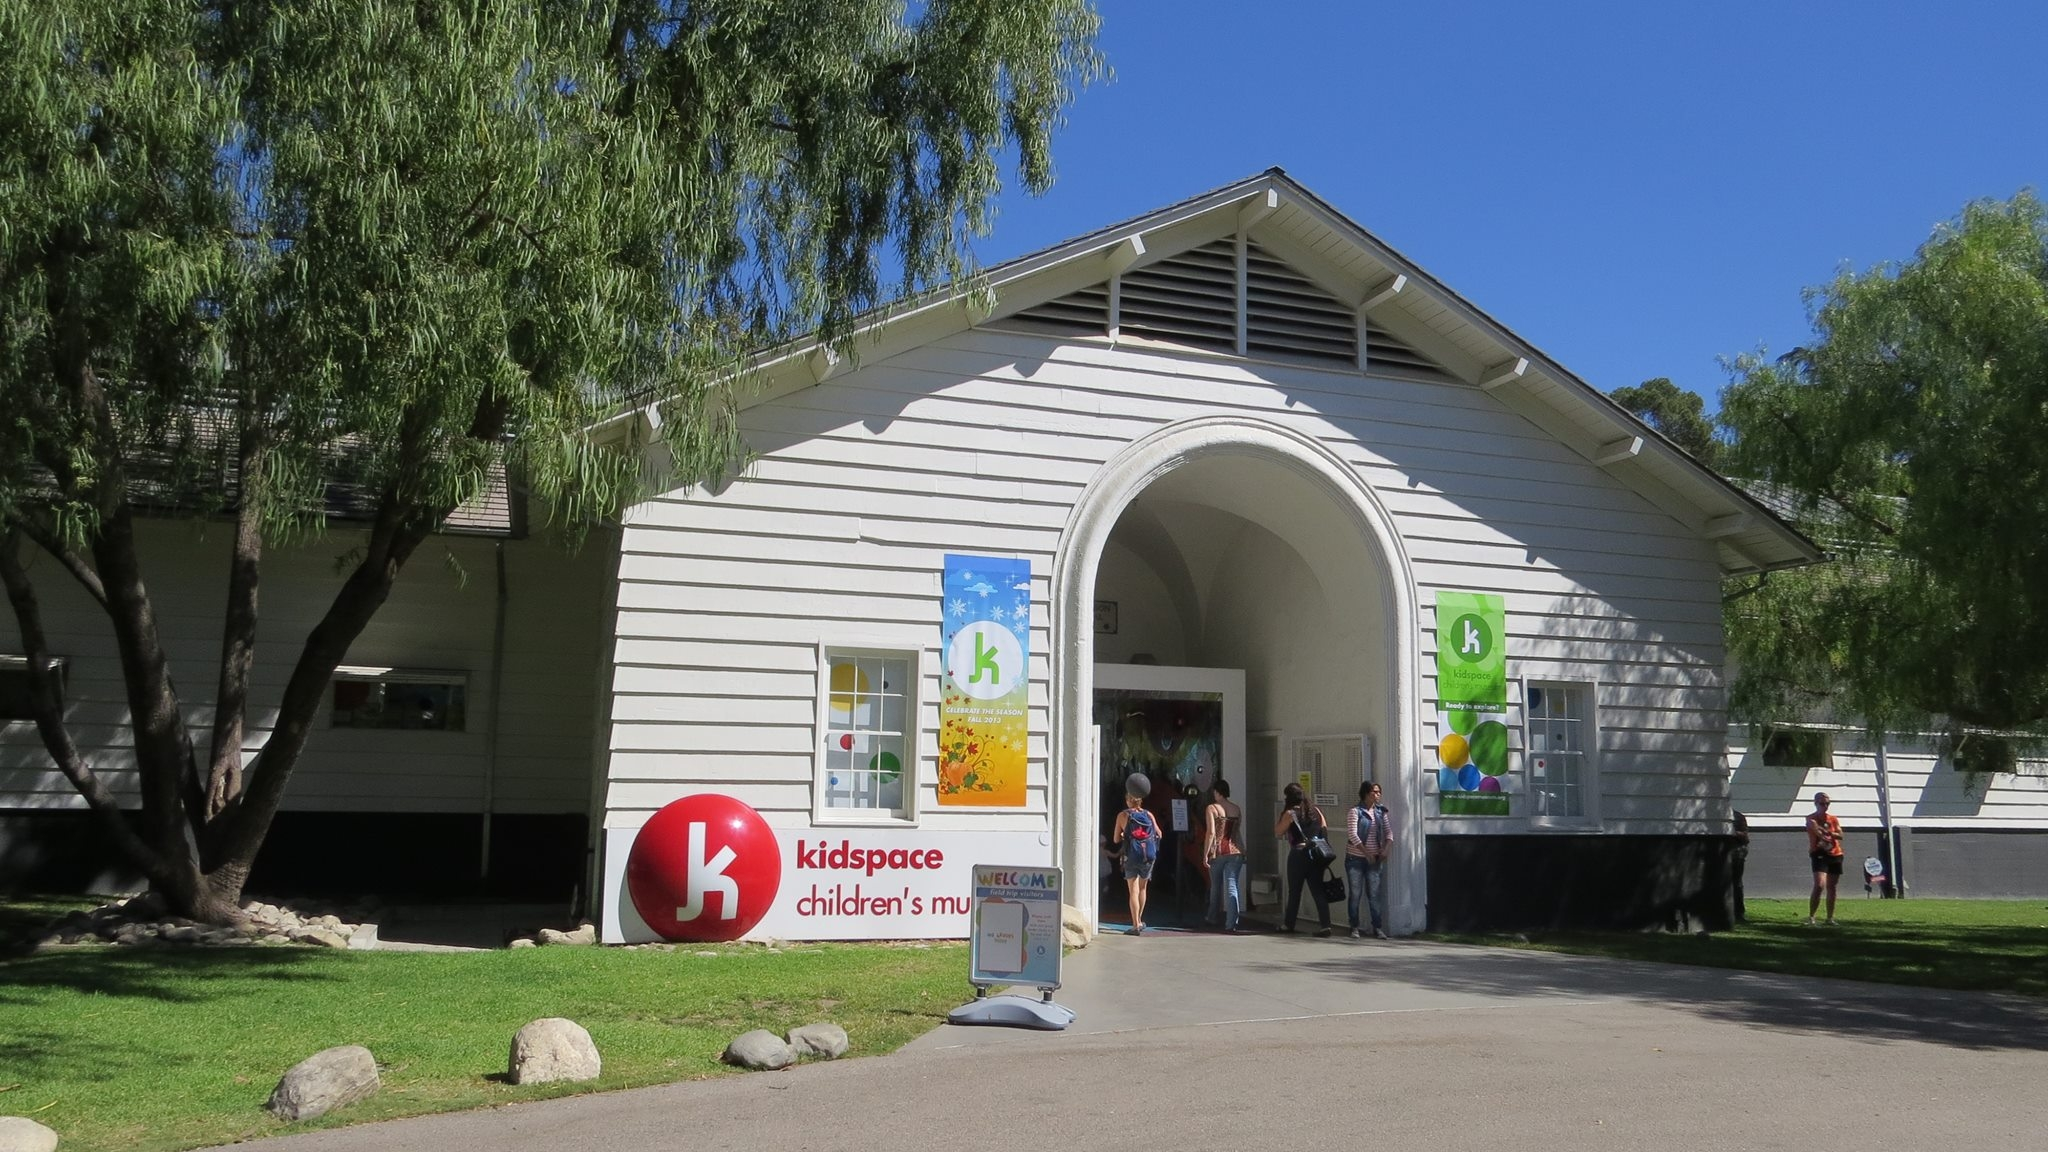 Kidspace Children's Museum  Instagram